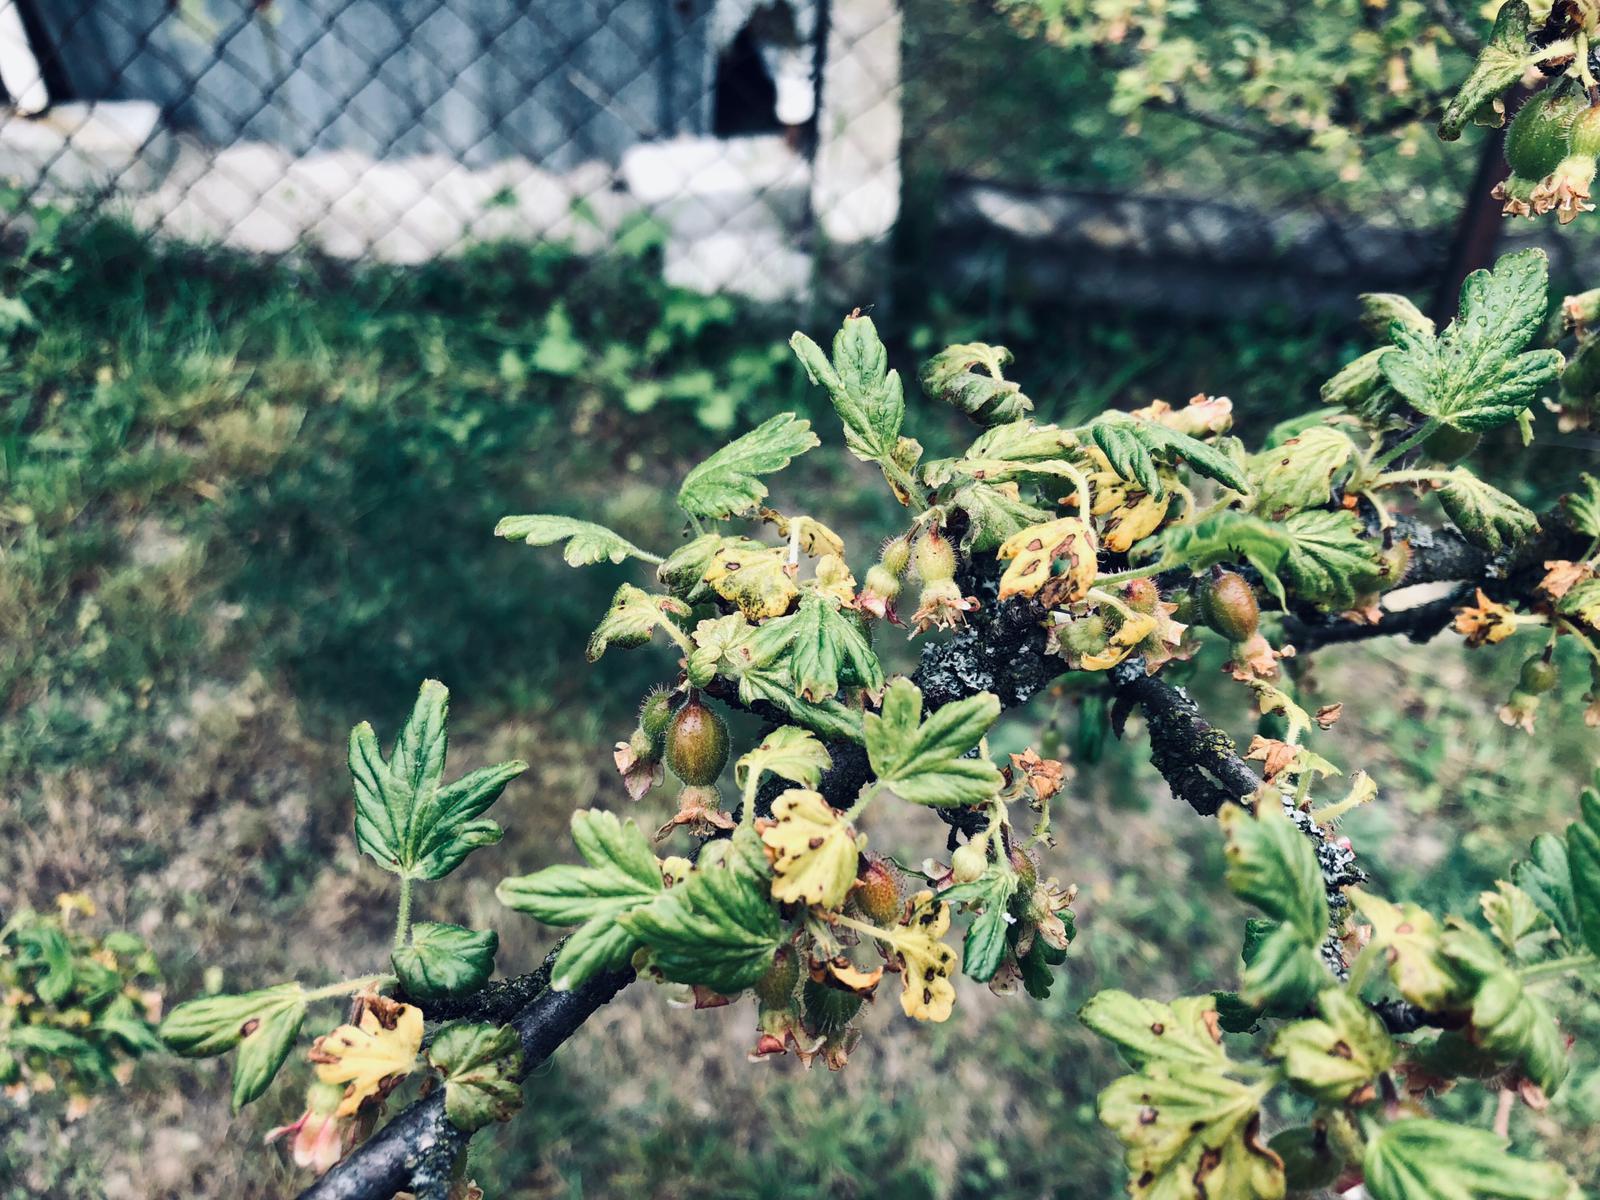 Americké padlí angreštové (Sphaerotheca mors-uvae)